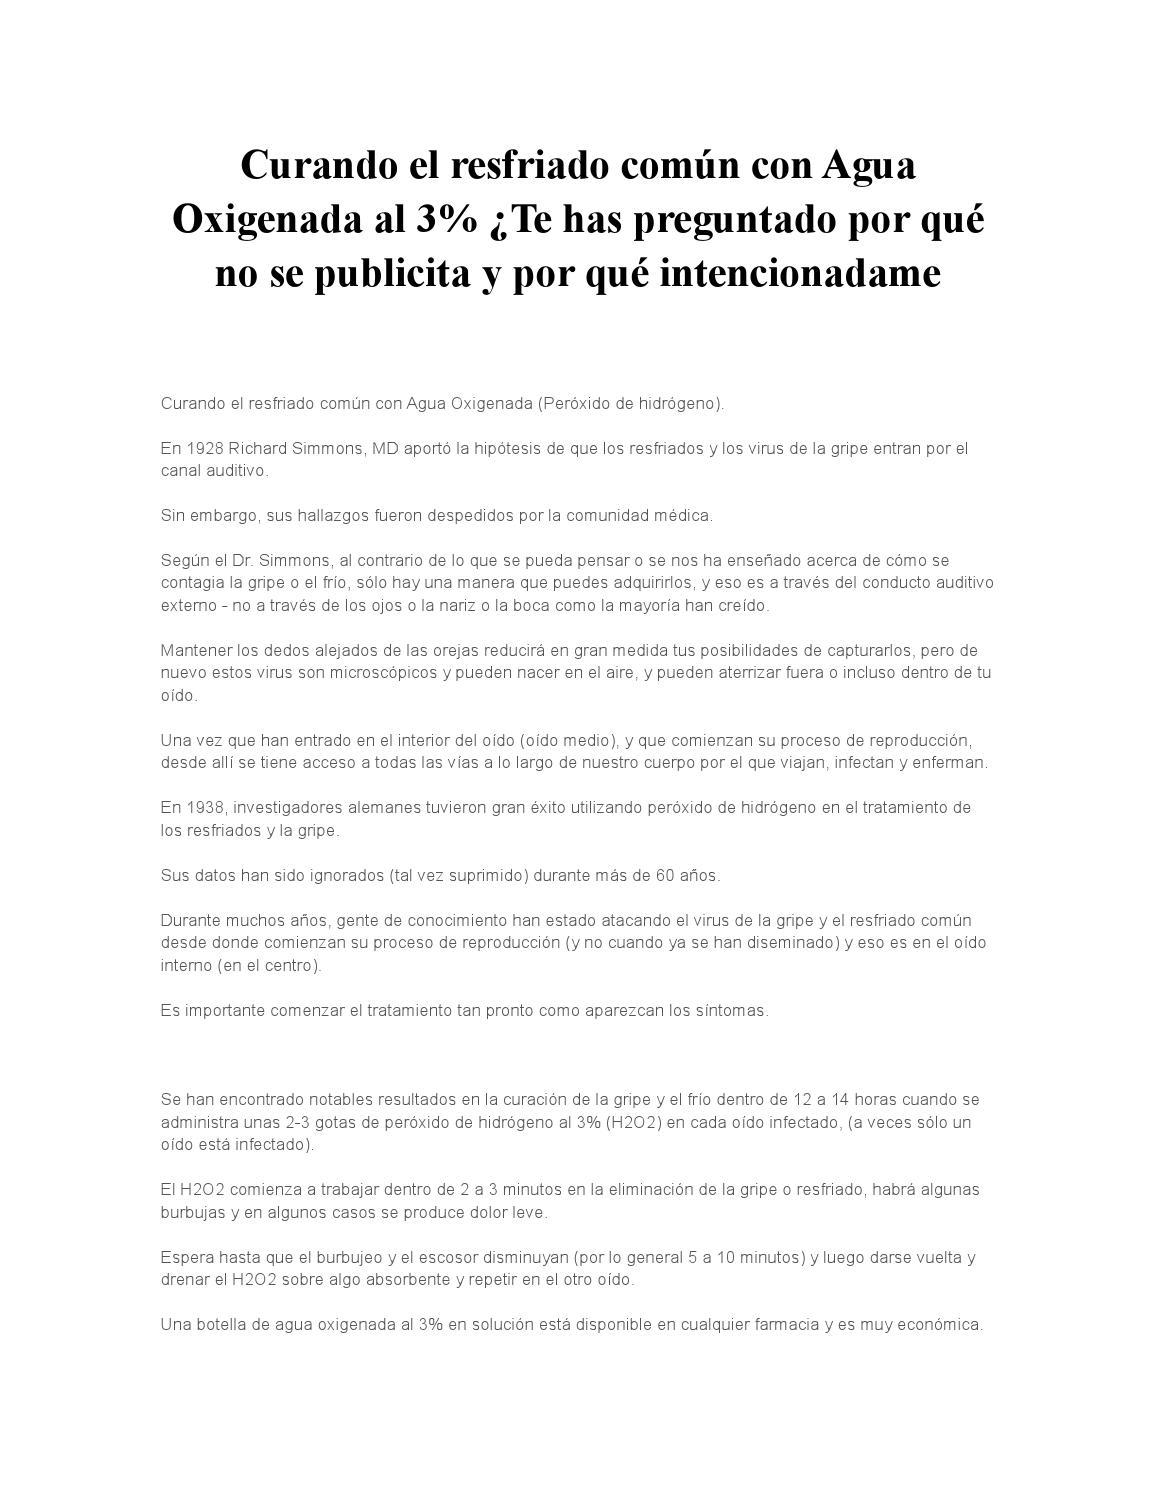 Curando El Resfriado Común Con Agua Oxigenada Al 3 By Jesus Ernesto Ludena Ruiz Issuu